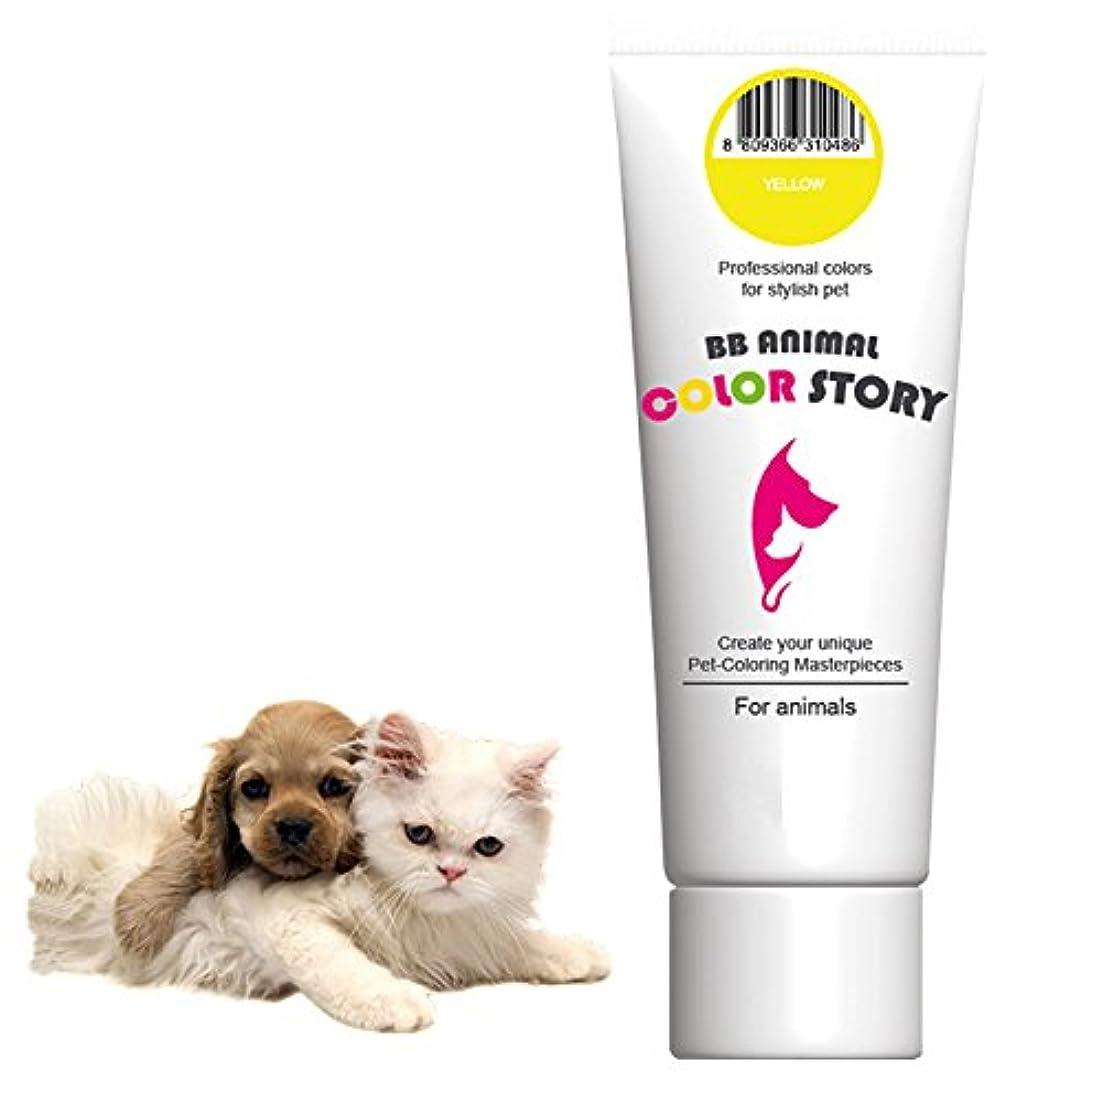 慣れる狂ったテキスト毛染め, 犬ヘアダイ Yellow カラーリング Dog Hair Hair Bleach Dye Hair Coloring Professional Colors for Stylish Pet 50ml 並行輸入